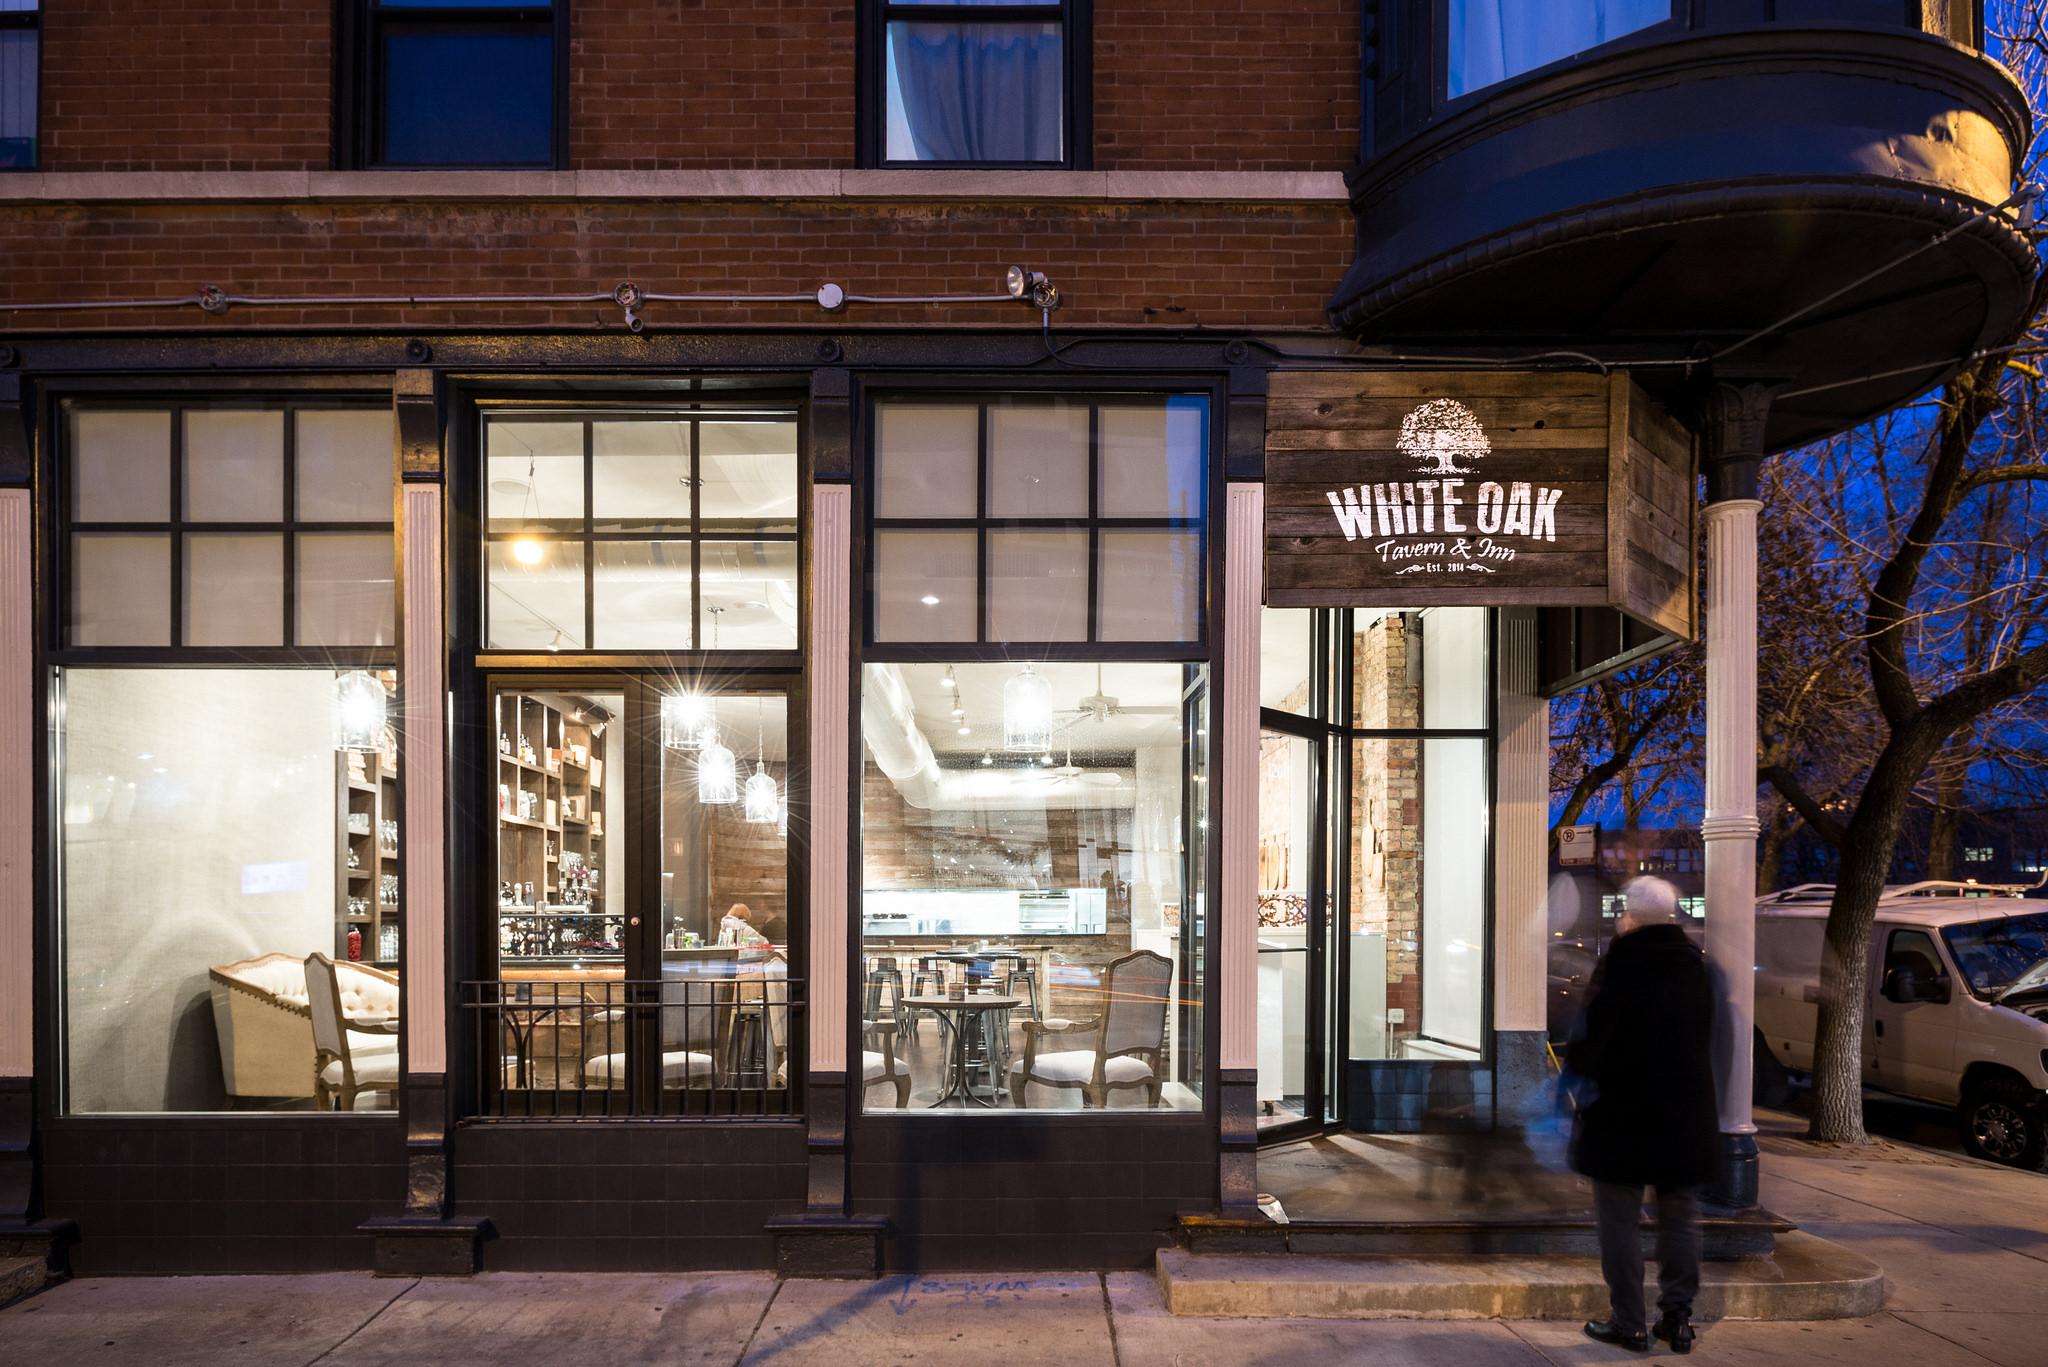 White Oak Tavern & Inn